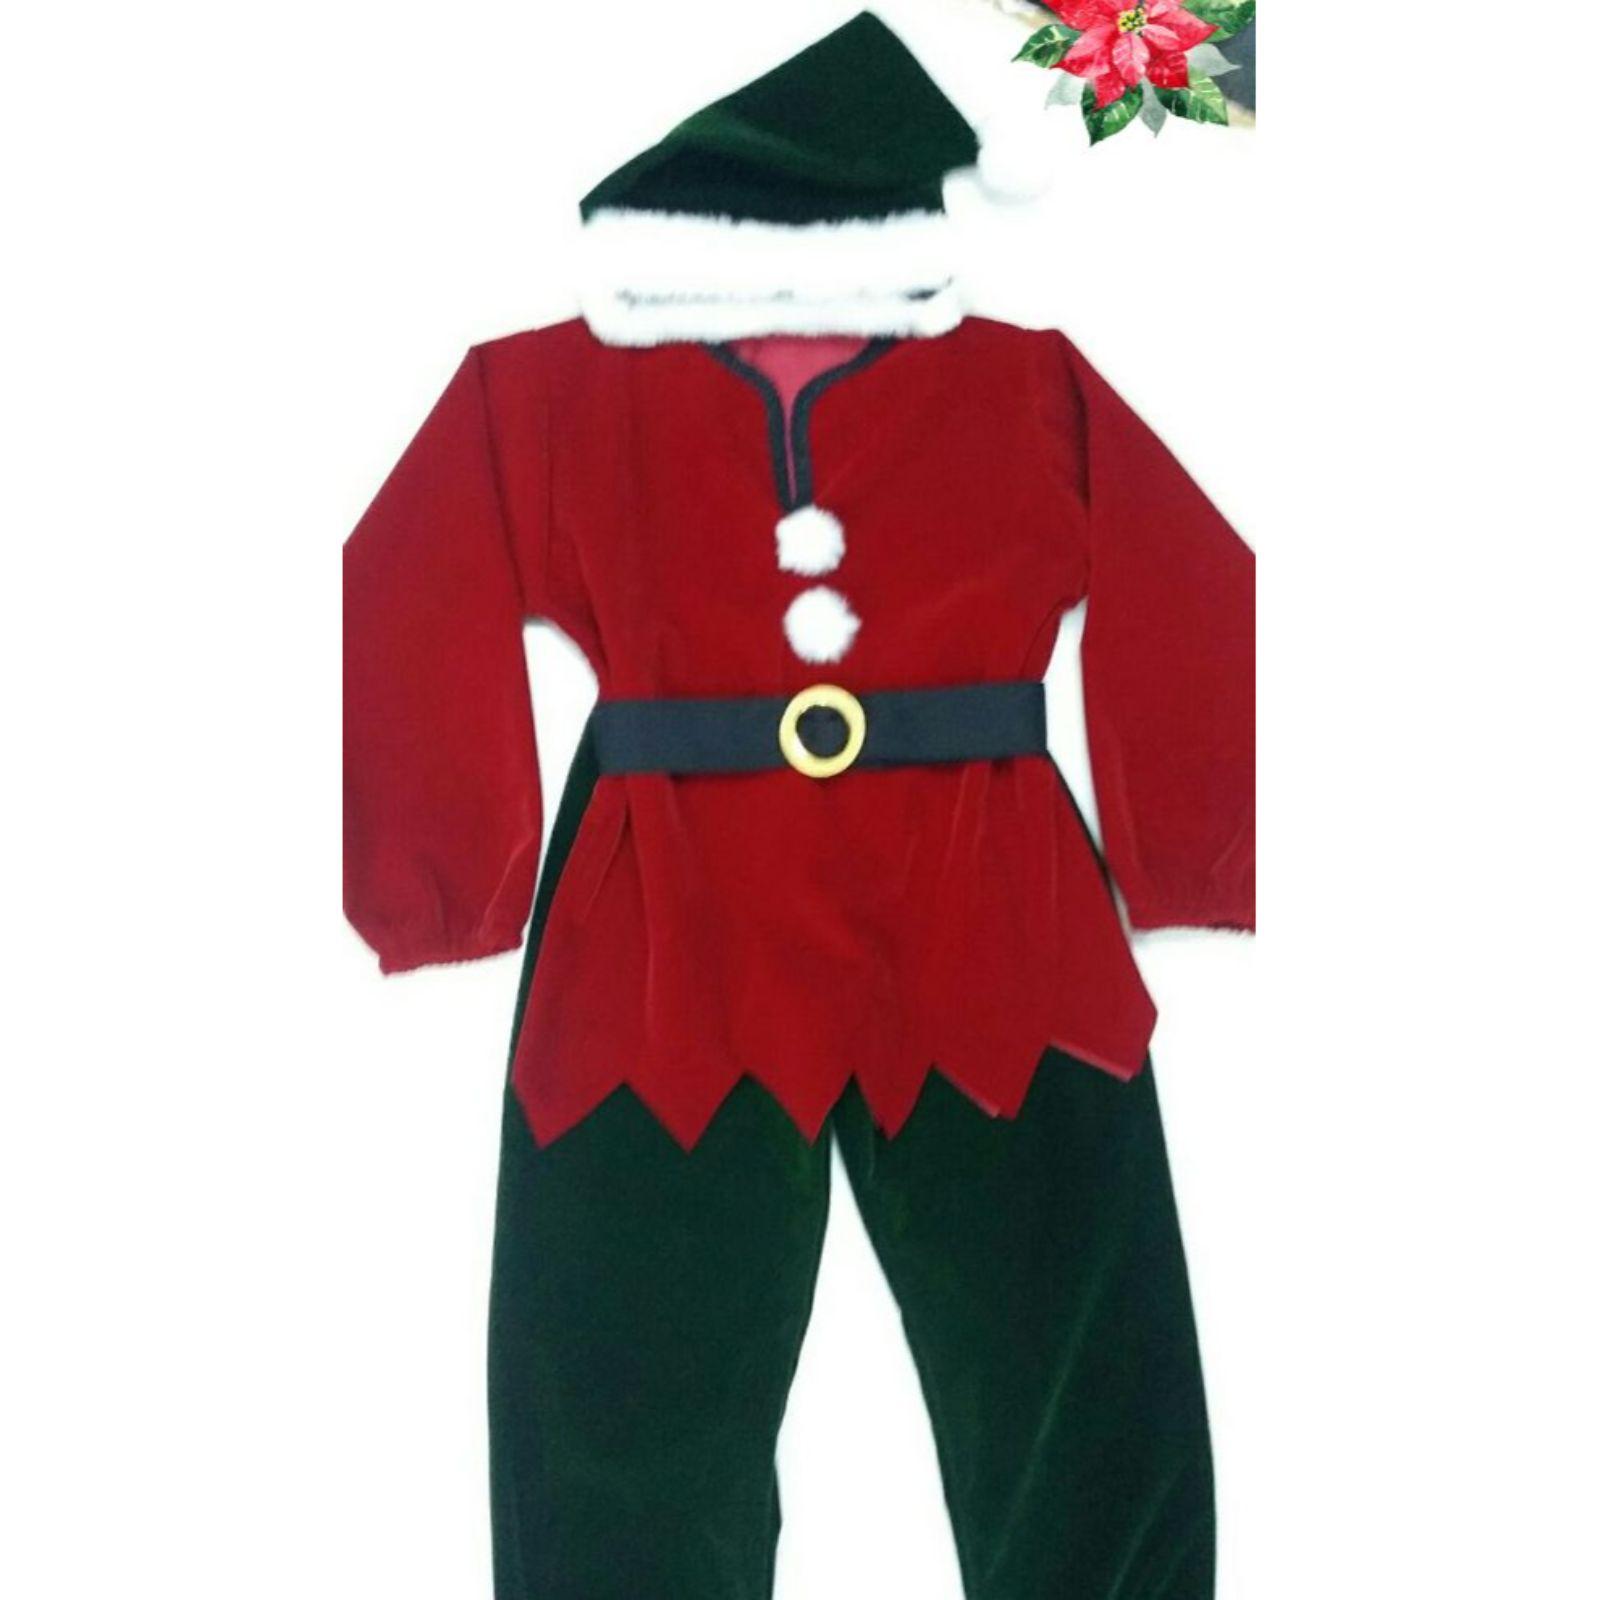 Costum Elf sau Spiridus premium 1